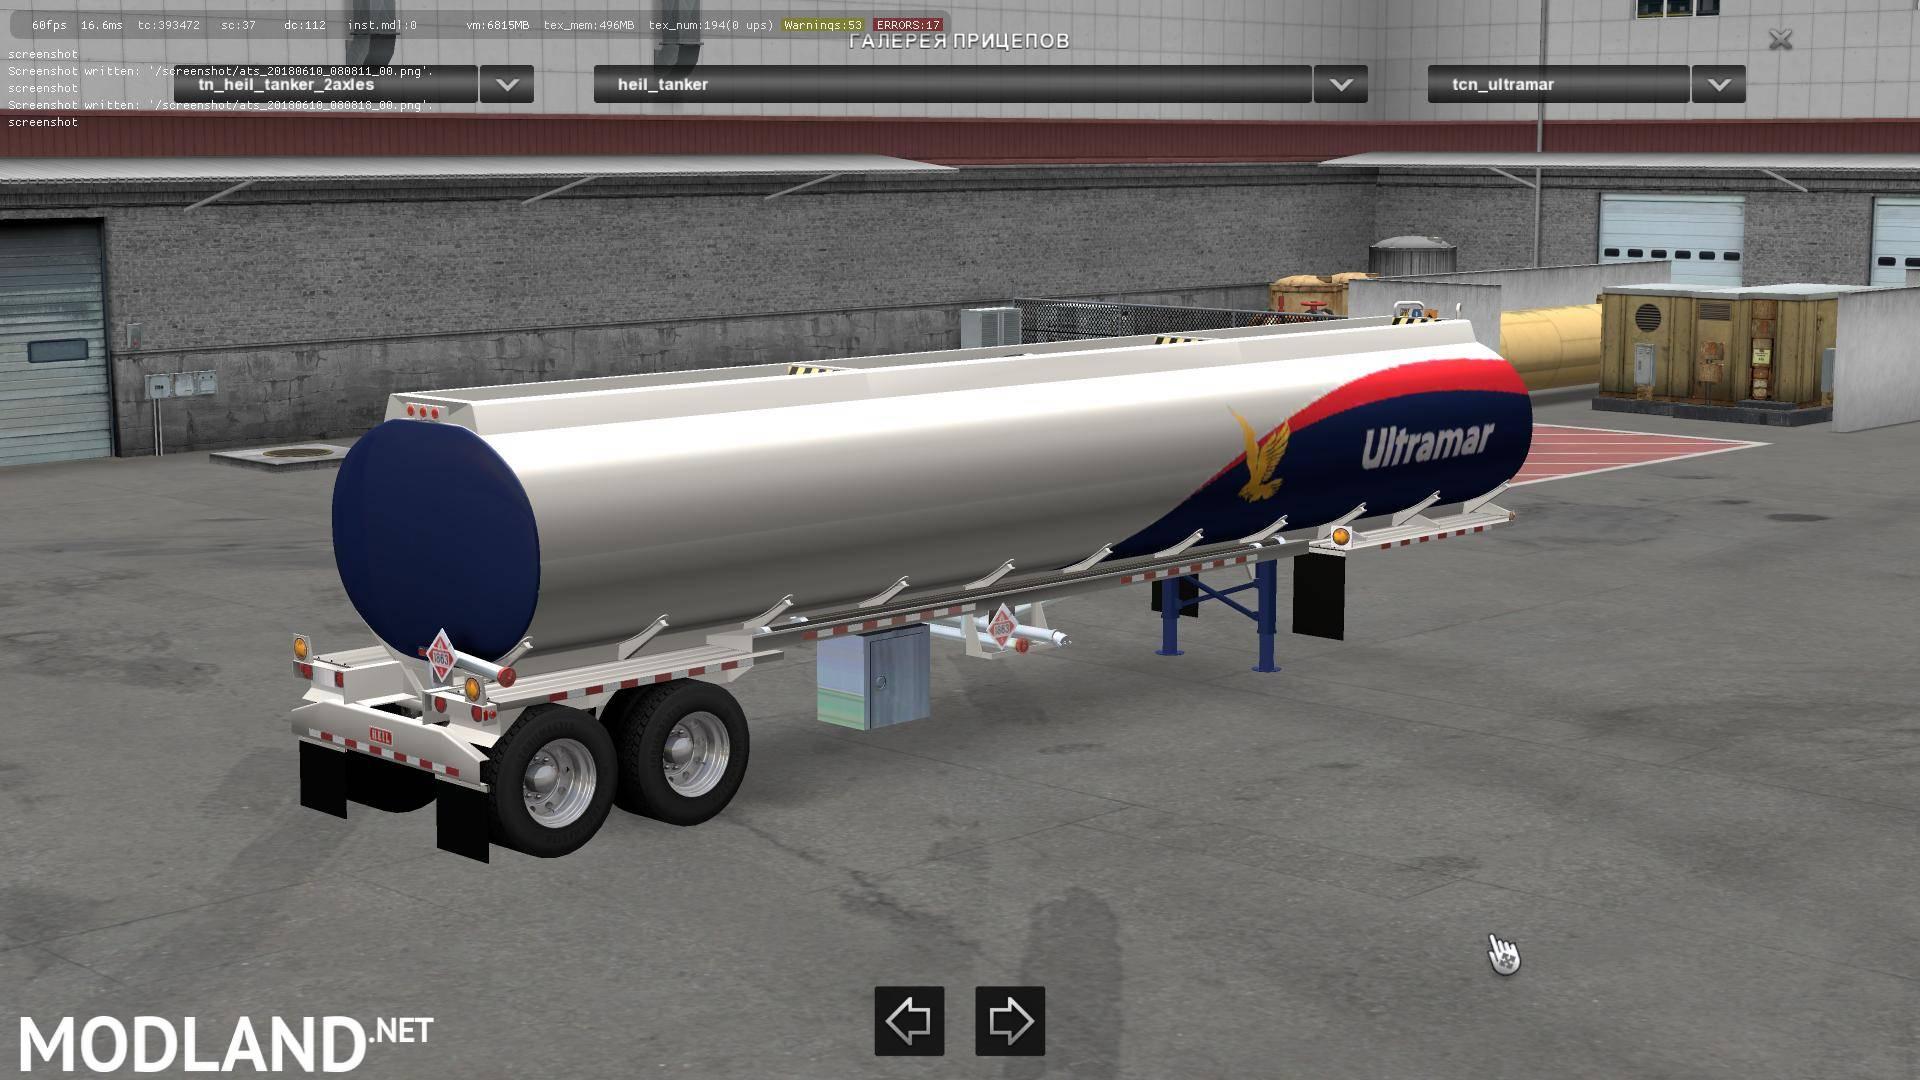 Heil Tanker Trailer 2axles v 1 31 mod for American Truck